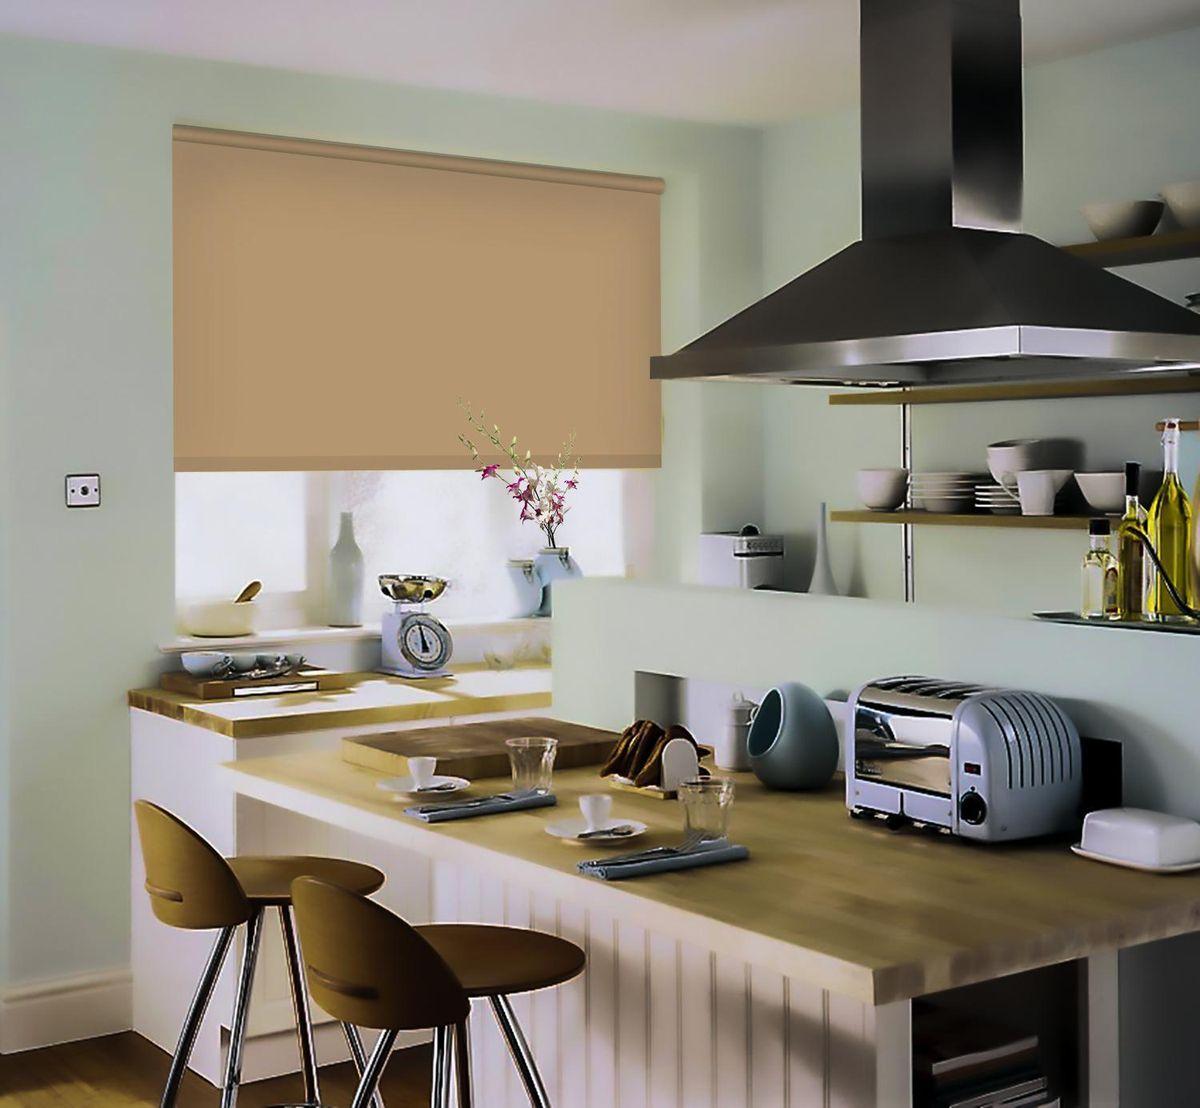 Штора рулонная Эскар, цвет: темно-бежевый, ширина 150 см, высота 170 смS03301004Рулонными шторами можно оформлять окна как самостоятельно, так и использовать в комбинации с портьерами. Это поможет предотвратить выгорание дорогой ткани на солнце и соединит функционал рулонных с красотой навесных.Преимущества применения рулонных штор для пластиковых окон:- имеют прекрасный внешний вид: многообразие и фактурность материала изделия отлично смотрятся в любом интерьере; - многофункциональны: есть возможность подобрать шторы способные эффективно защитить комнату от солнца, при этом о на не будет слишком темной. - Есть возможность осуществить быстрый монтаж. ВНИМАНИЕ! Размеры ширины изделия указаны по ширине ткани!Во время эксплуатации не рекомендуется полностью разматывать рулон, чтобы не оторвать ткань от намоточного вала.В случае загрязнения поверхности ткани, чистку шторы проводят одним из способов, в зависимости от типа загрязнения: легкое поверхностное загрязнение можно удалить при помощи канцелярского ластика; чистка от пыли производится сухим методом при помощи пылесоса с мягкой щеткой-насадкой; для удаления пятна используйте мягкую губку с пенообразующим неагрессивным моющим средством или пятновыводитель на натуральной основе (нельзя применять растворители).